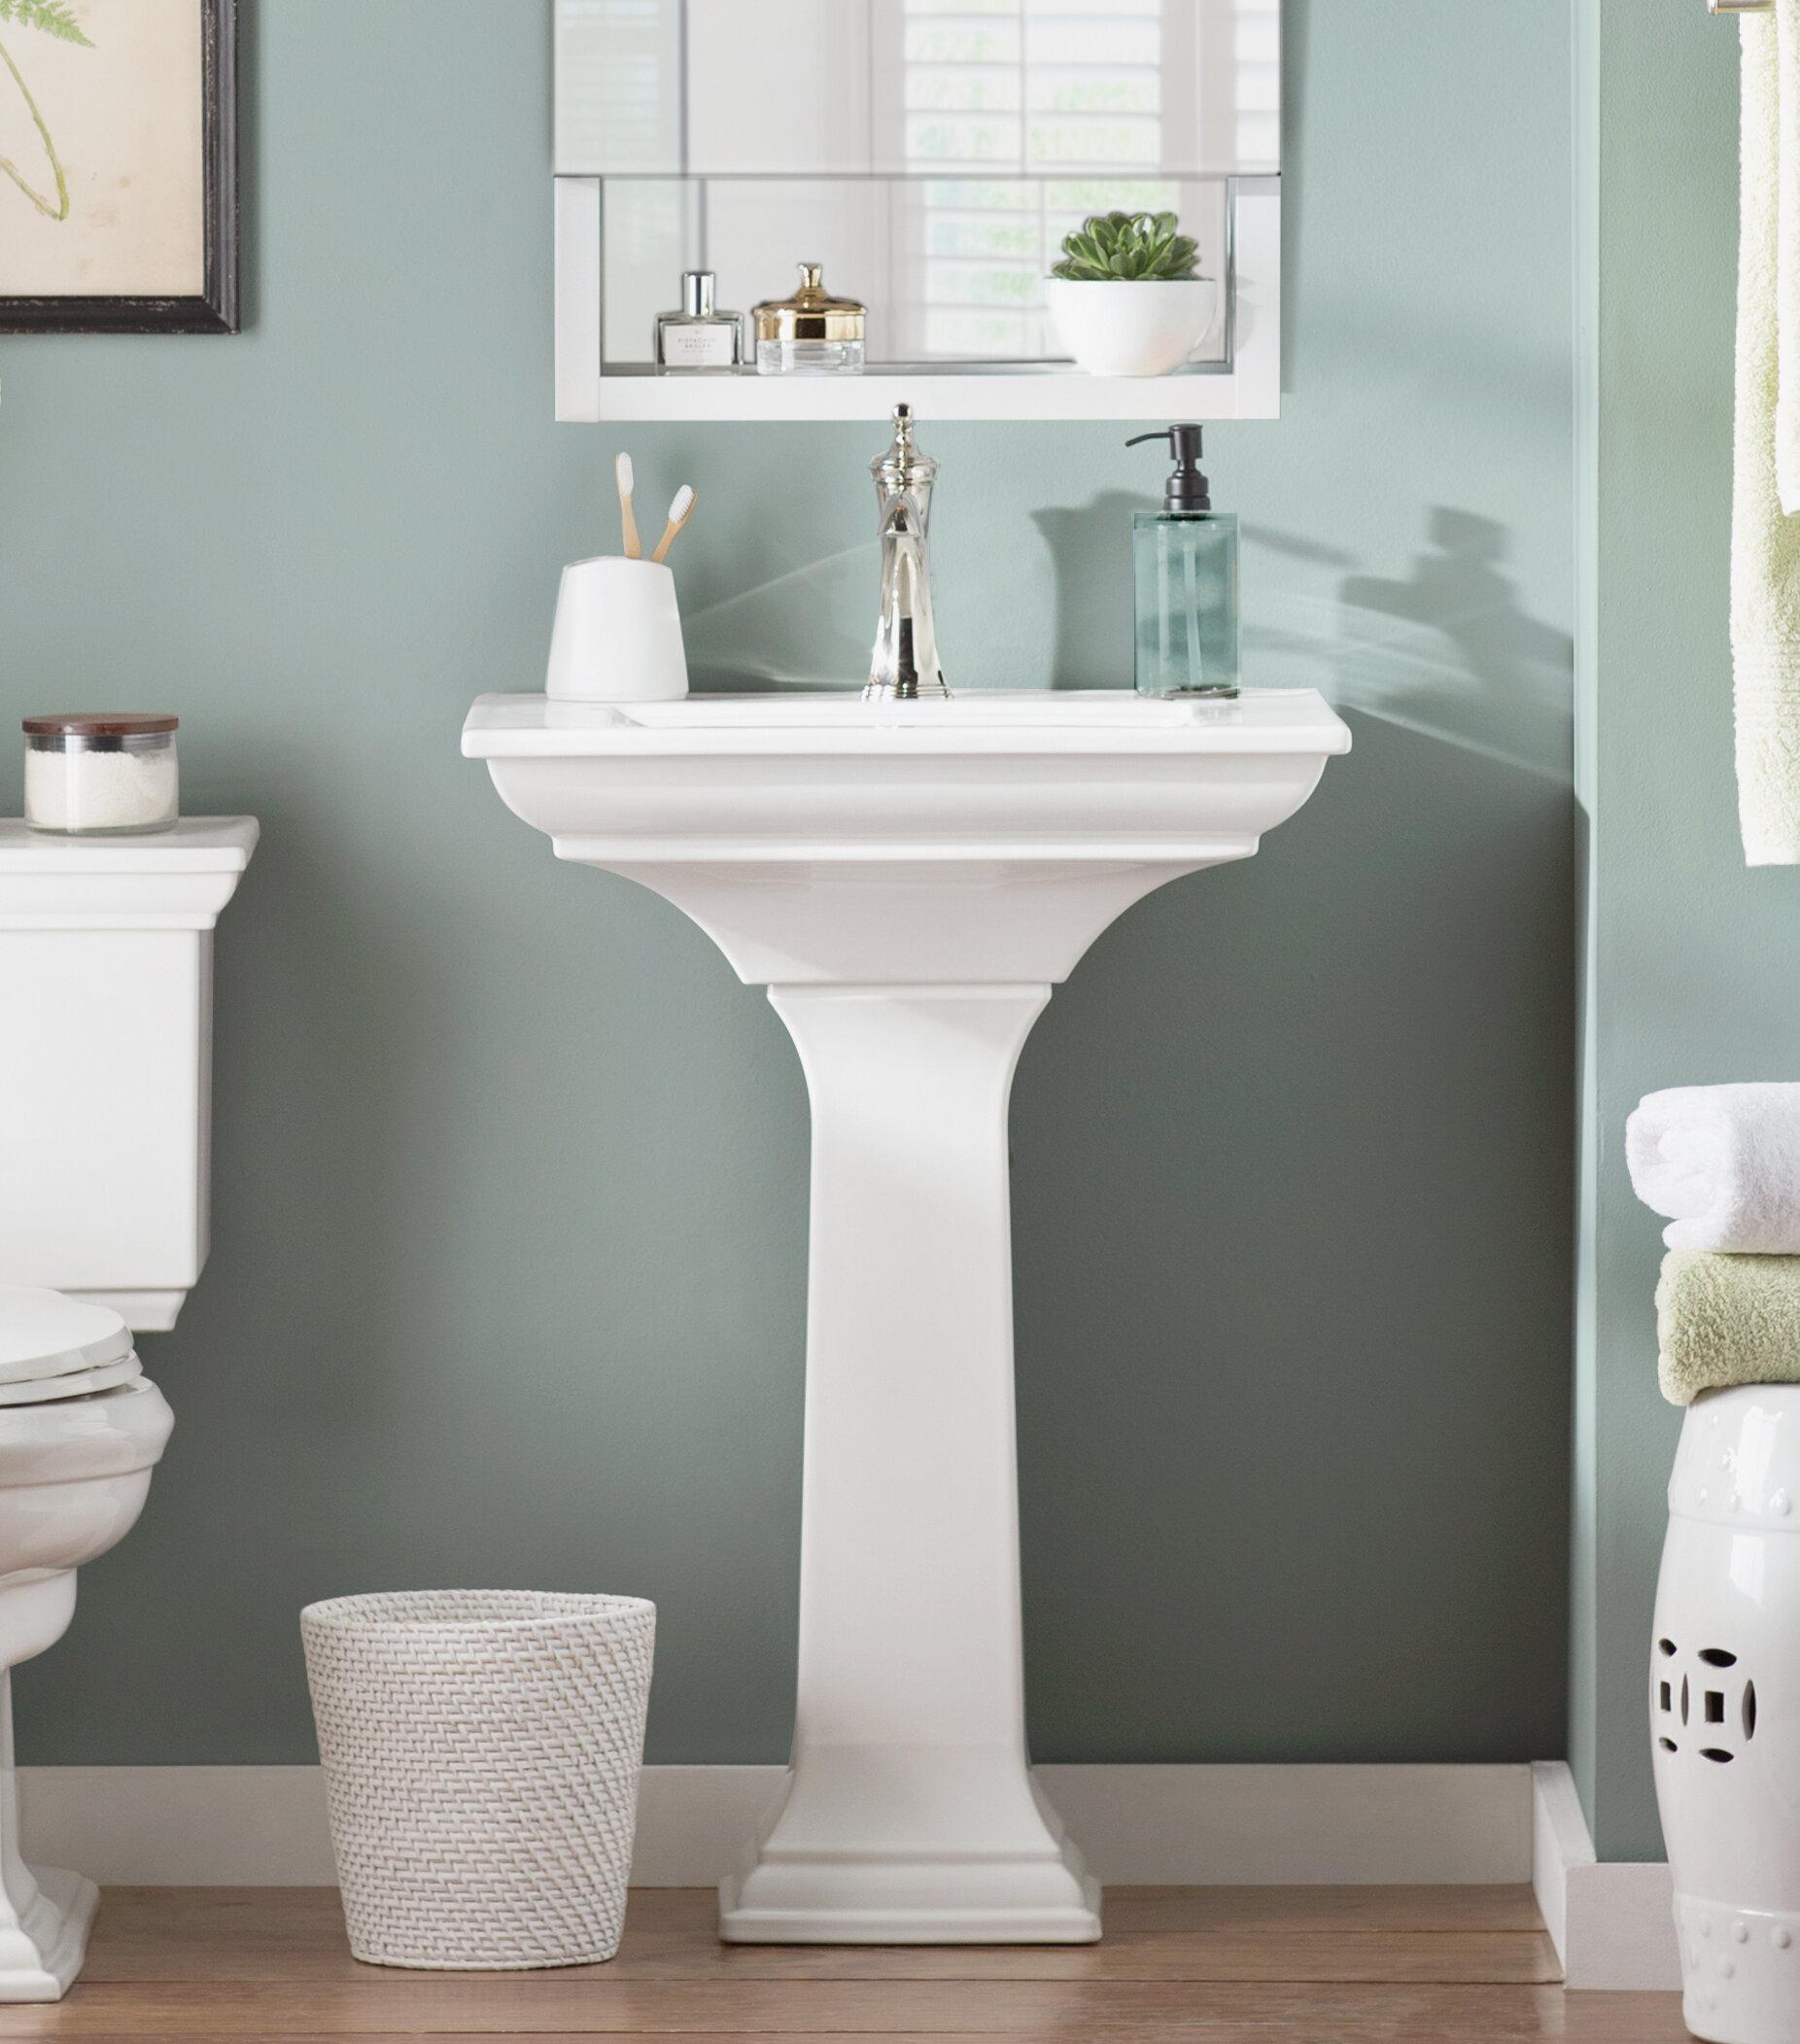 K 2344 8 0 1 0 4 0 Kohler Memoirs Ceramic Pedestal Bathroom Sink With Overflow Reviews Wayfair